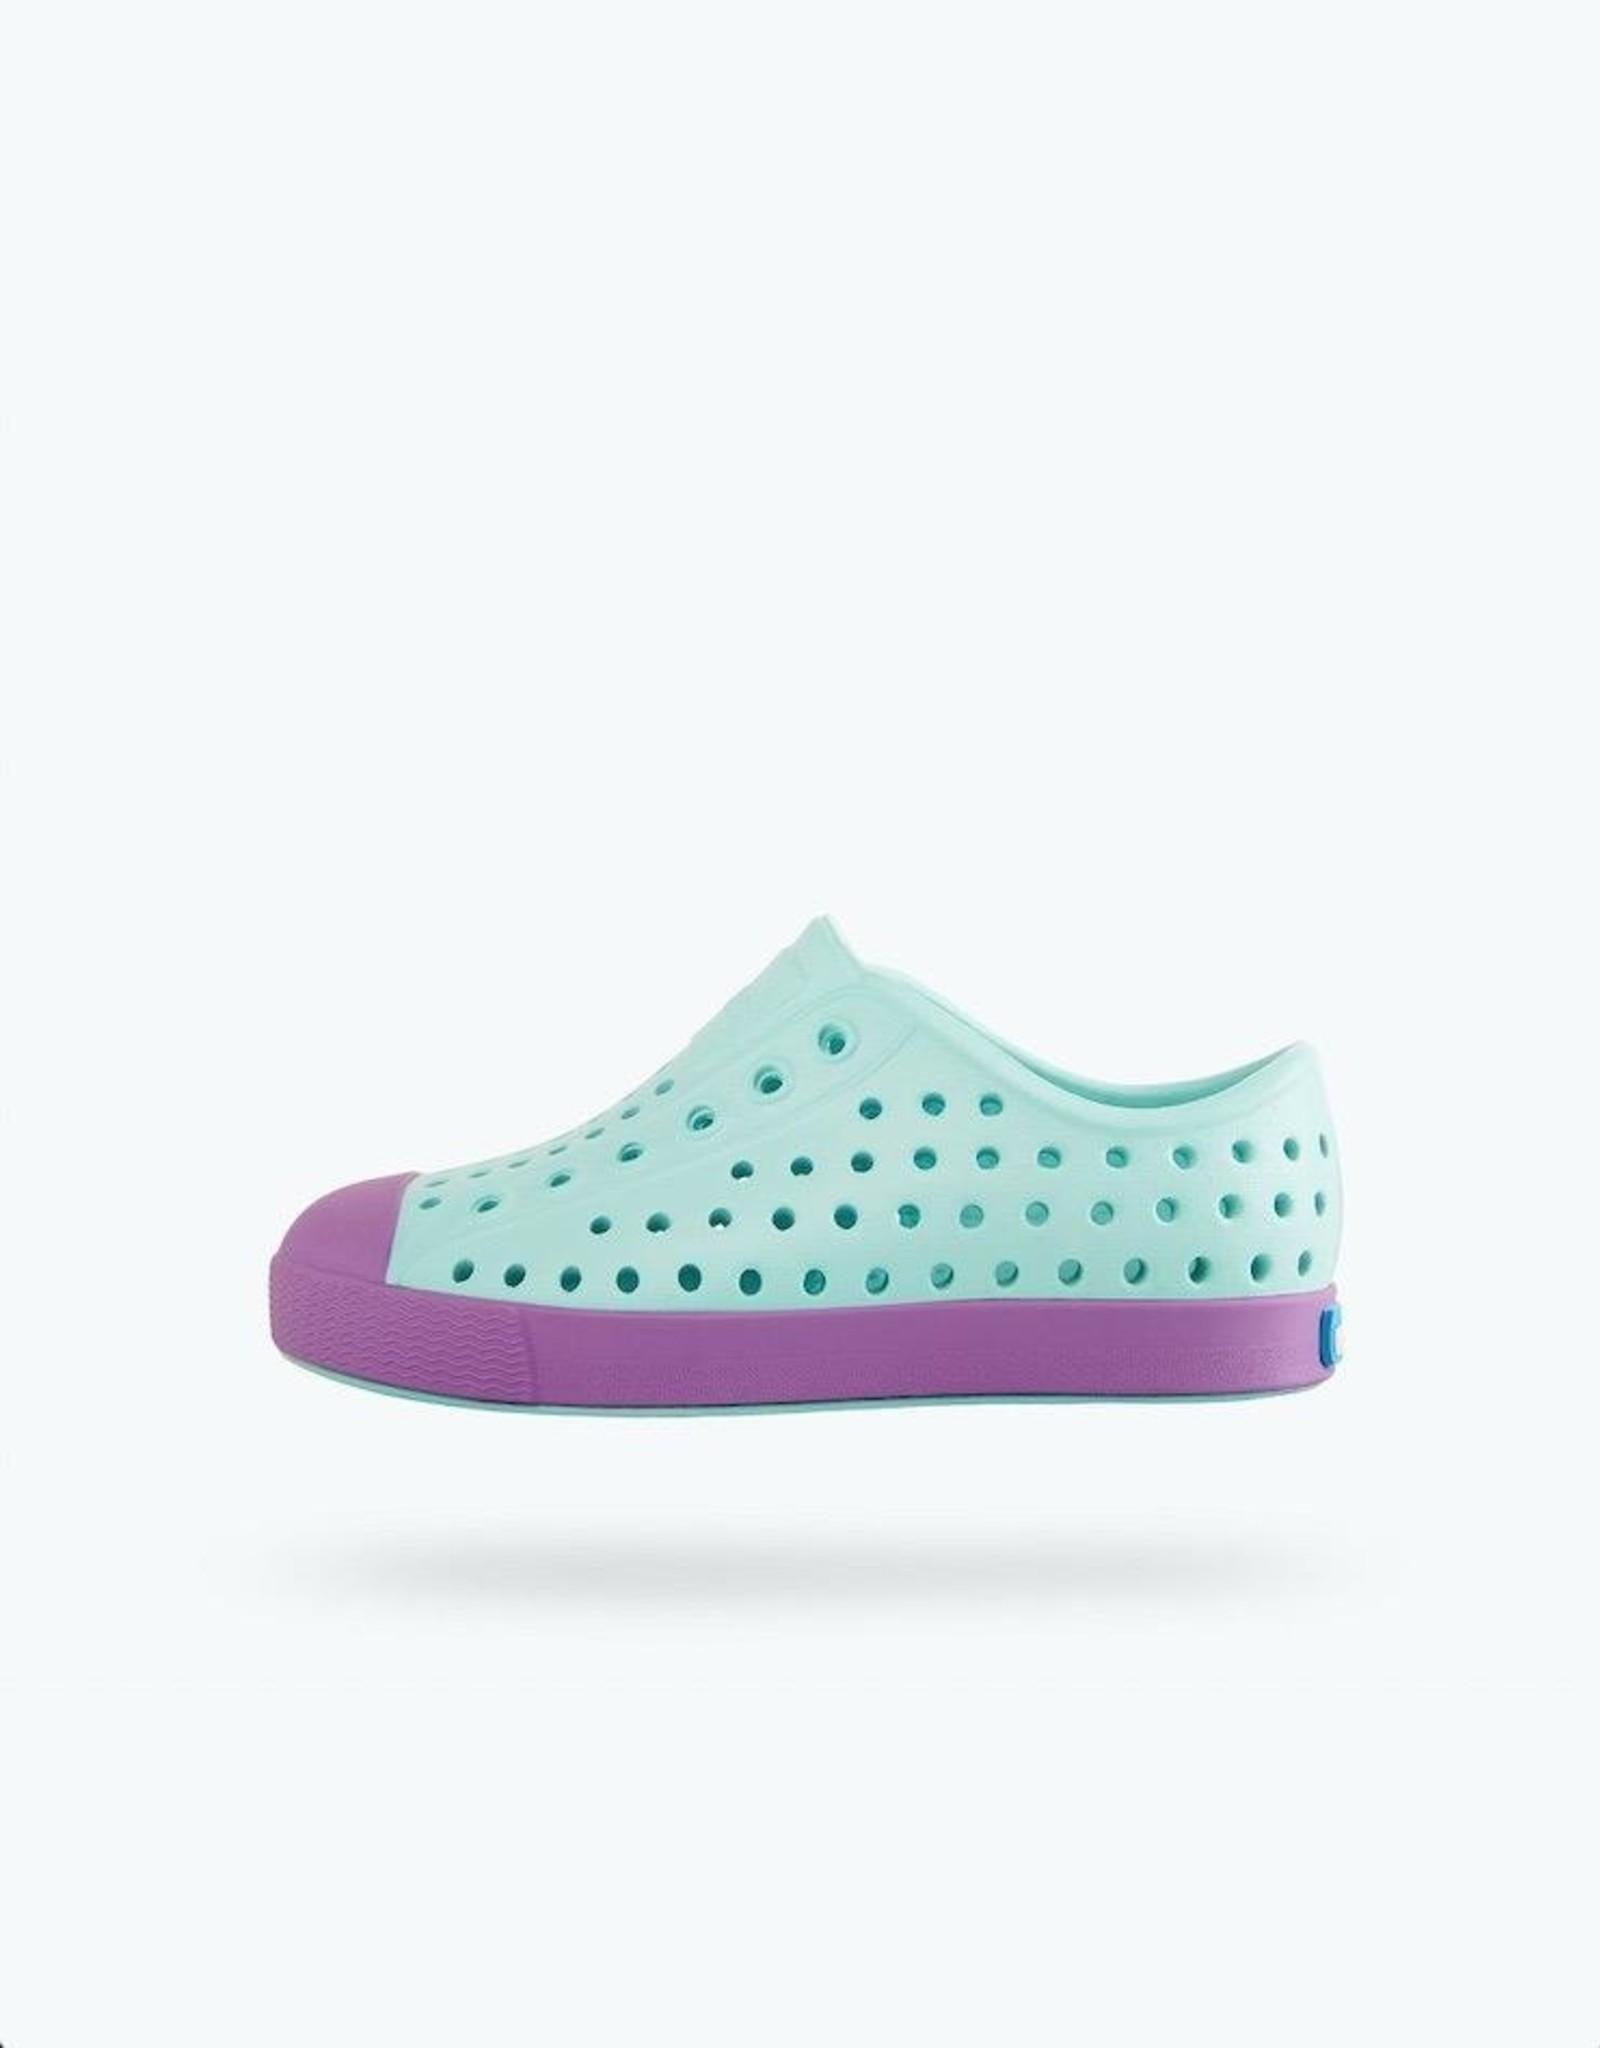 Native Shoes Jefferson Child in Piedmont Blue/ Sea Fan Purple